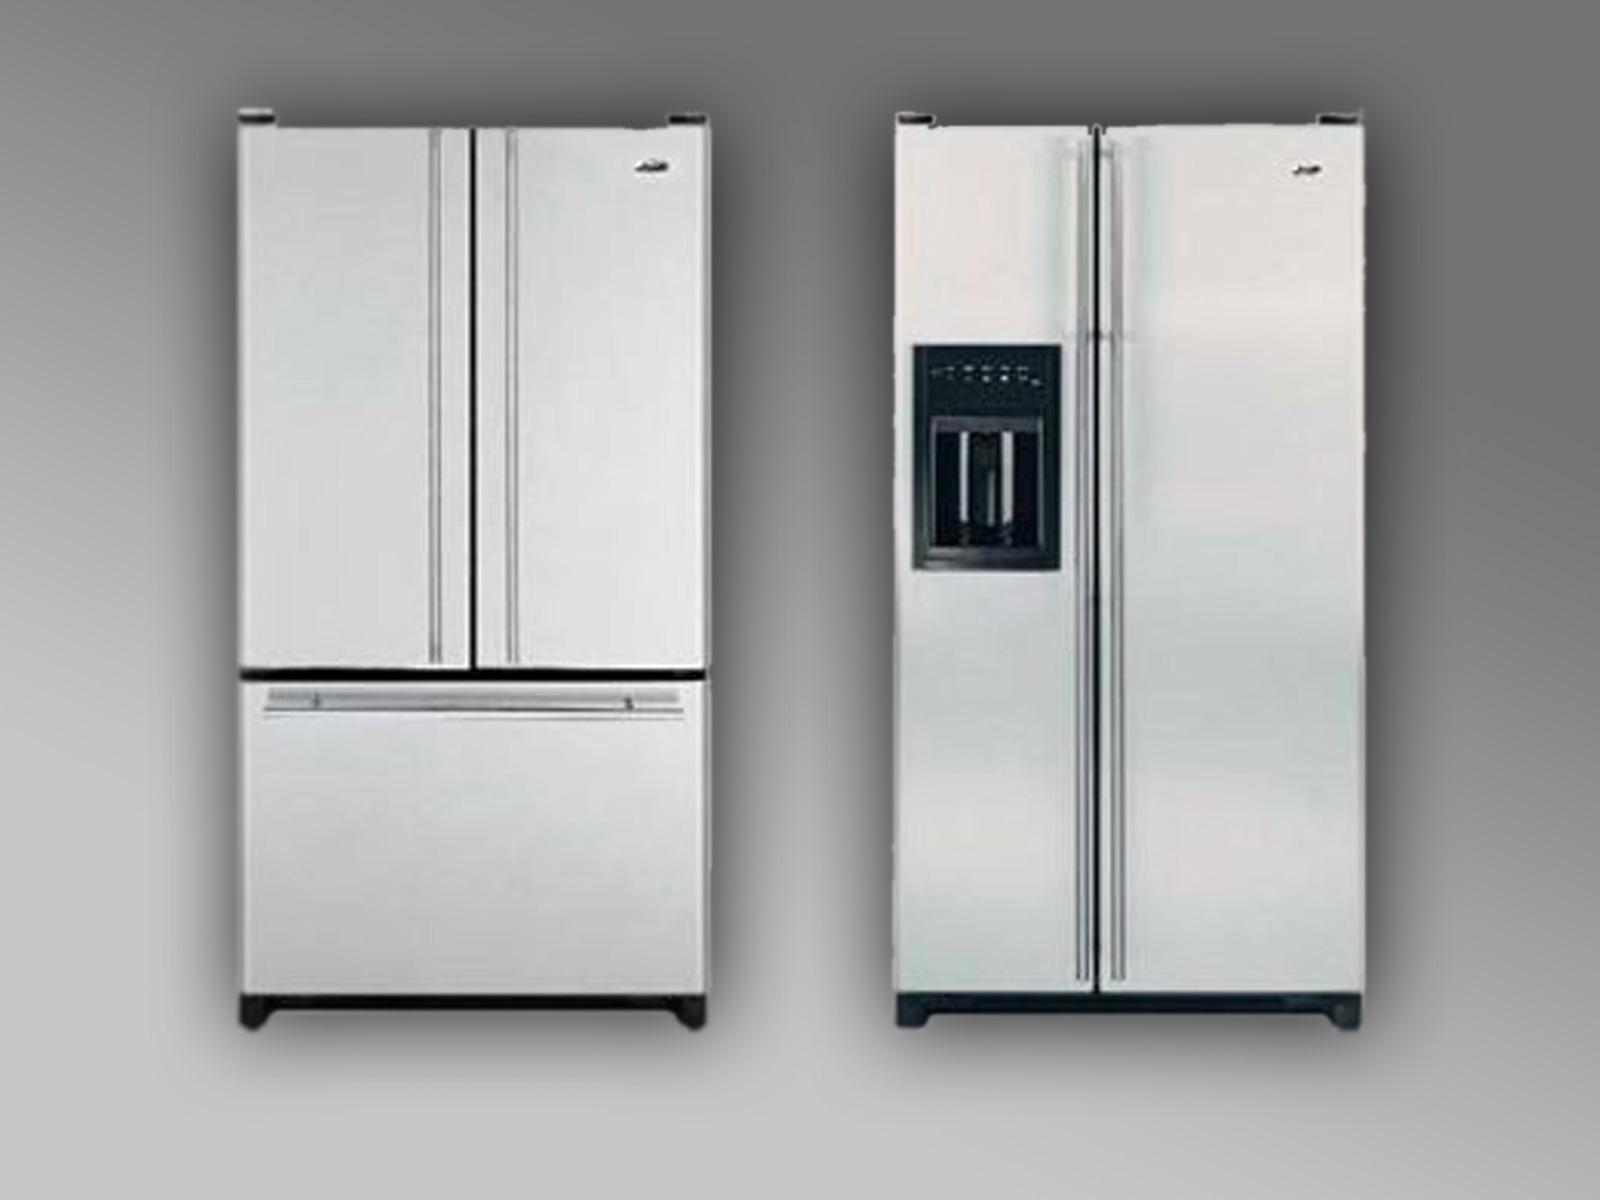 Super Echte Amerikaanse koelkasten van Amana TF-09